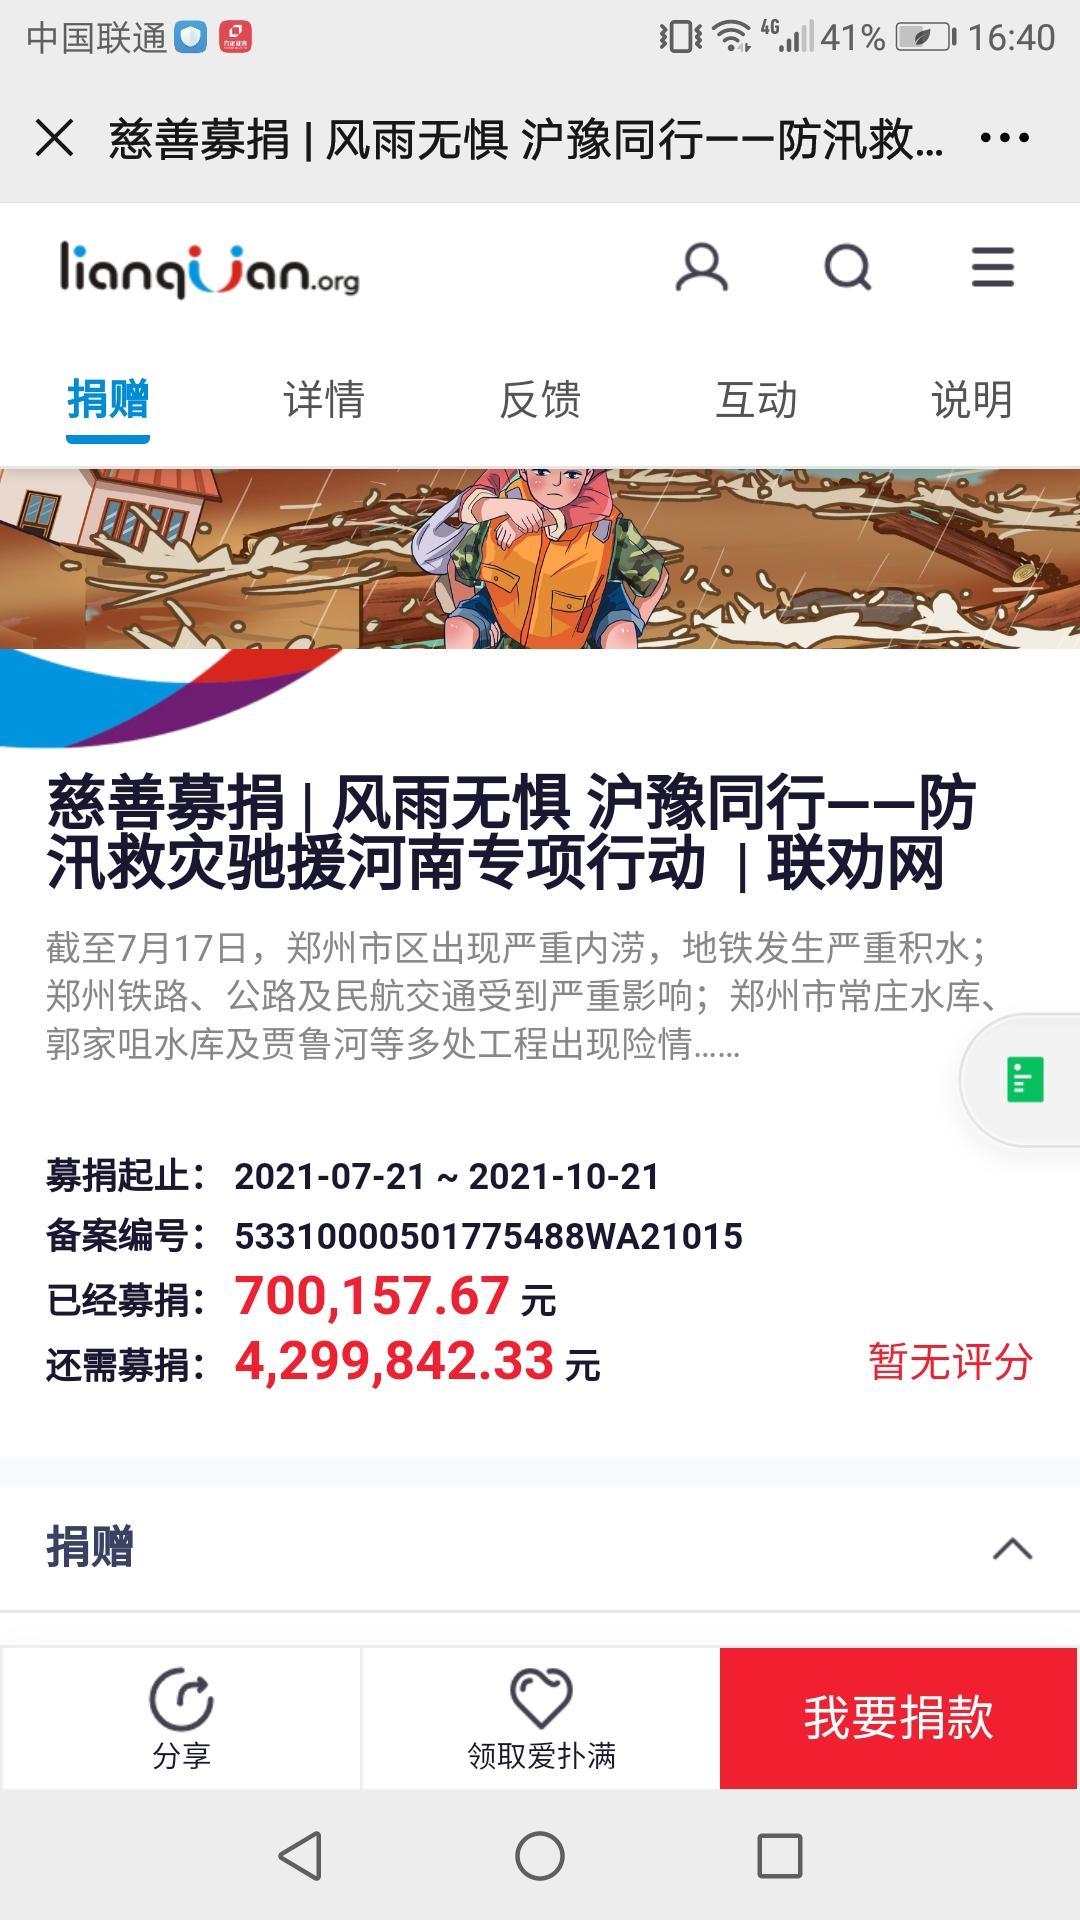 必晟娱乐平台注册:驰援河南!至22日上海市慈善基金会联合澎湃新闻筹款已超百万